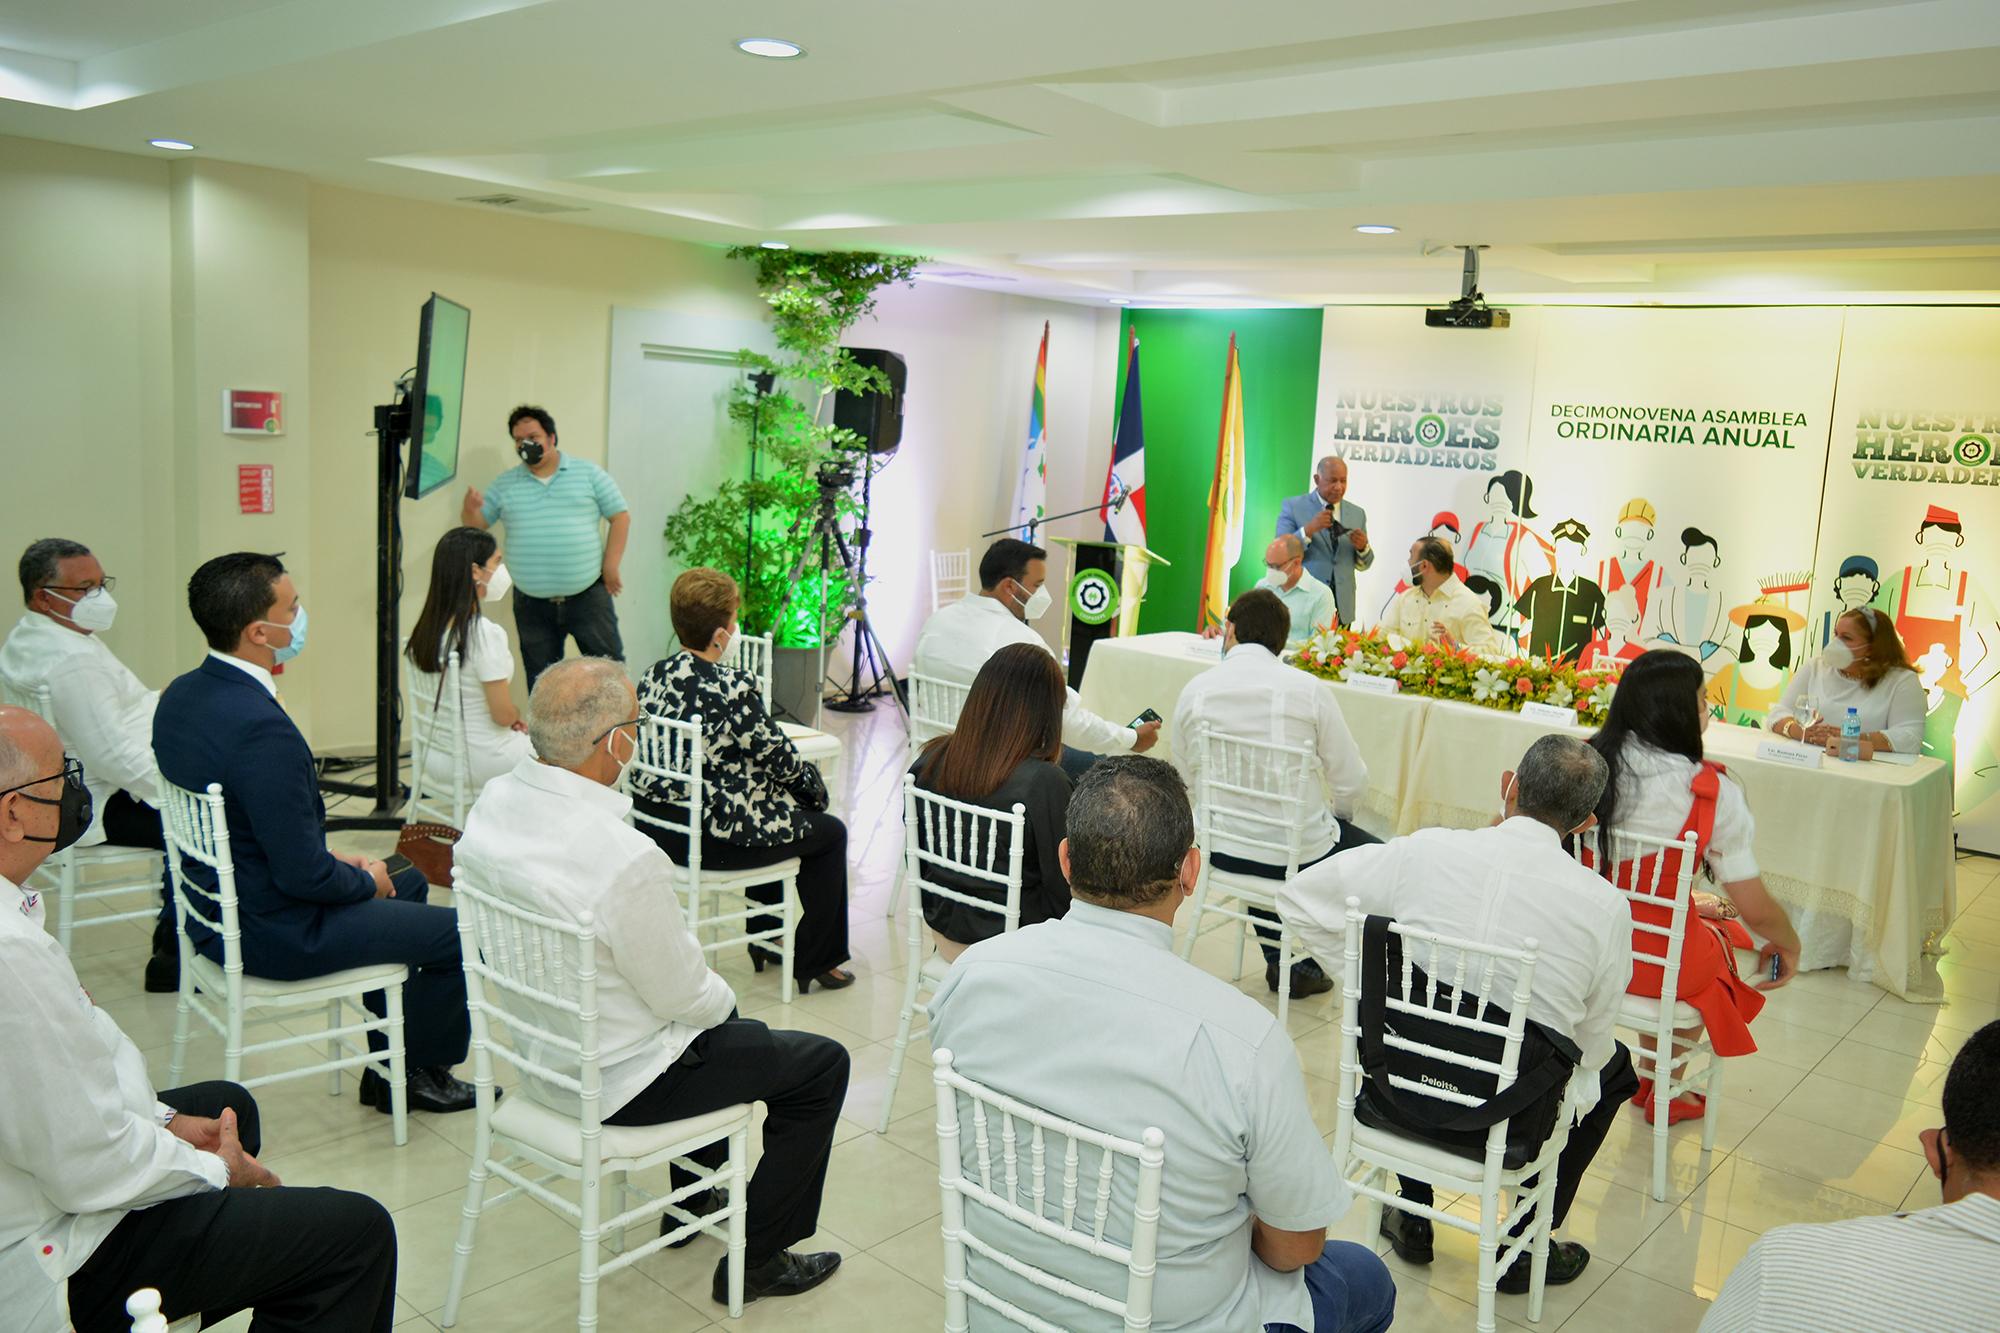 Decimonovena Asamblea Ordinaria Anual Coopadepe